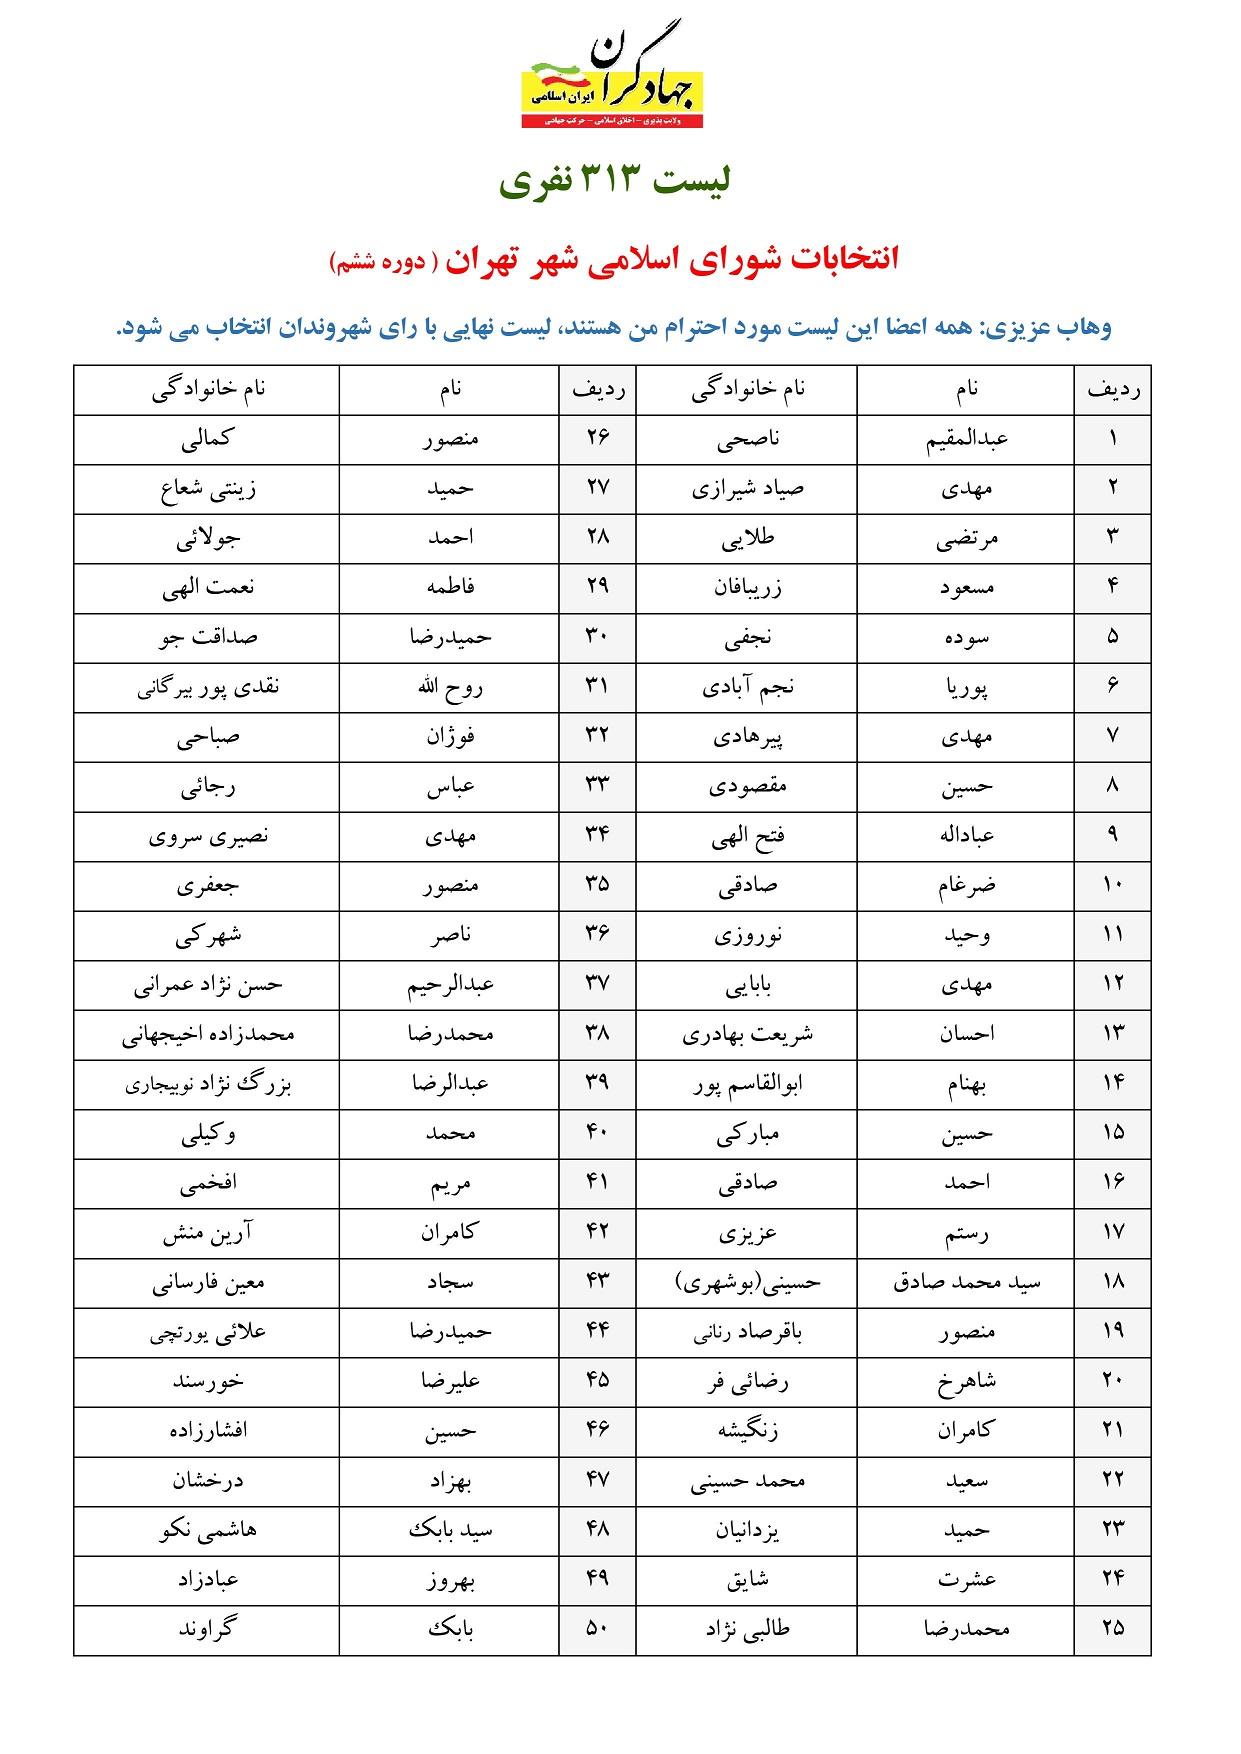 لیست 313 نفری جبهه جهادگران